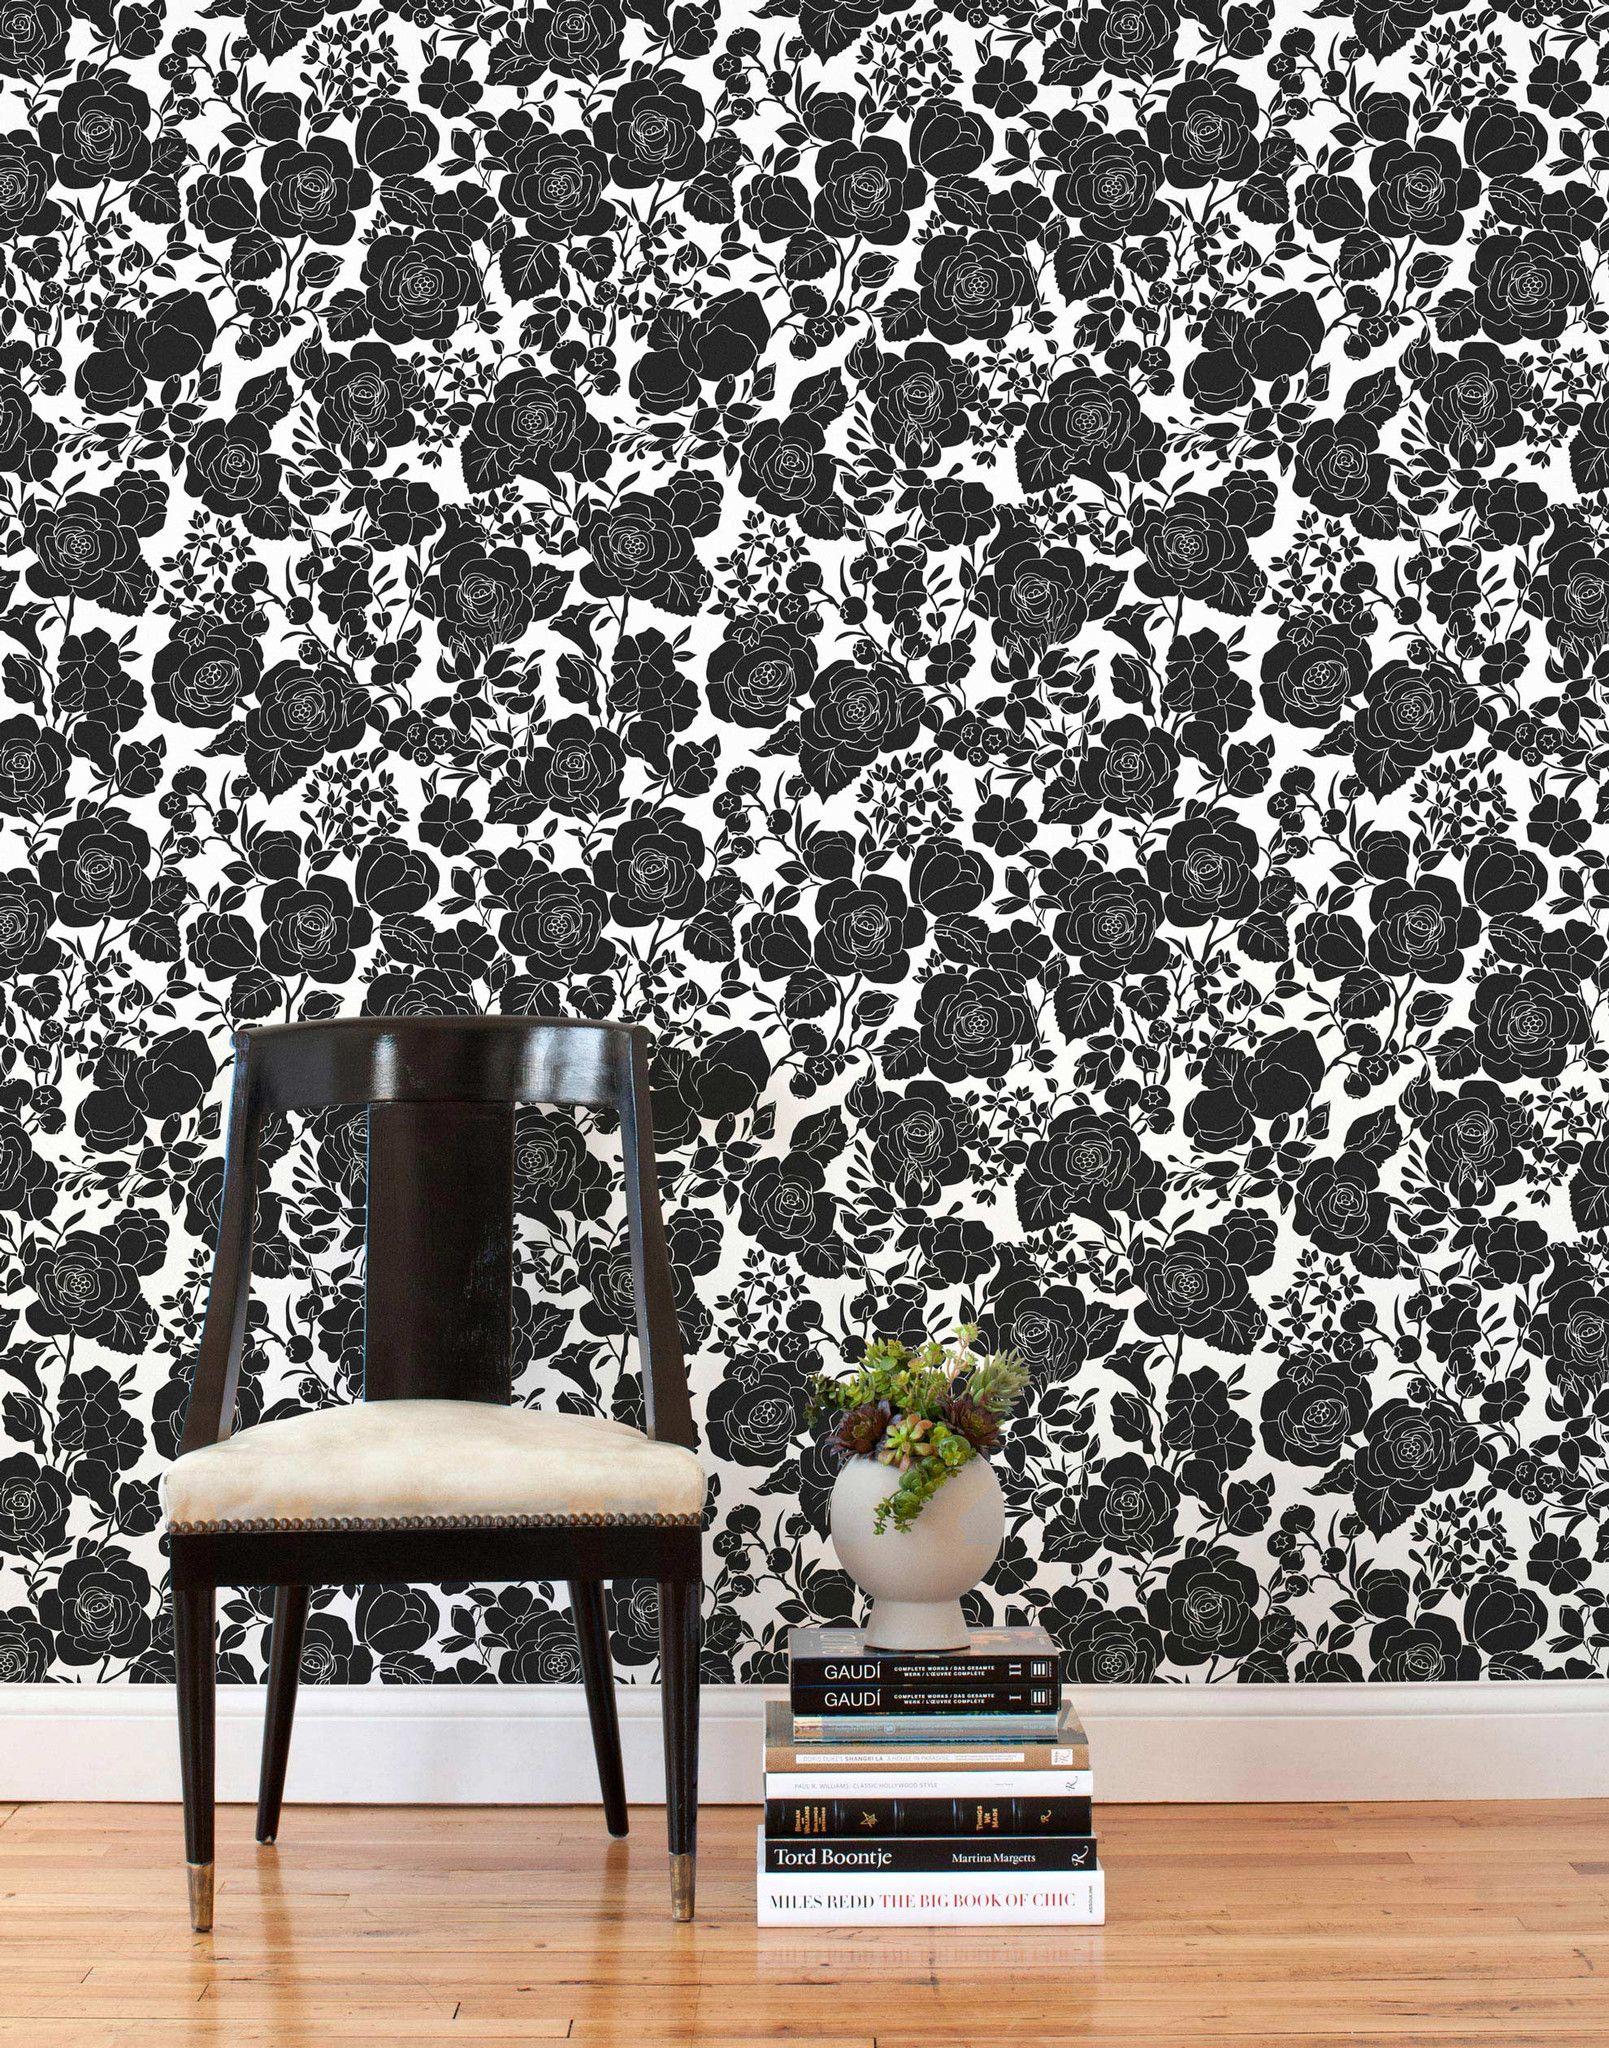 Removable Wallpaper Tiles seconds - garden (black/white) tiles | white tiles, girls